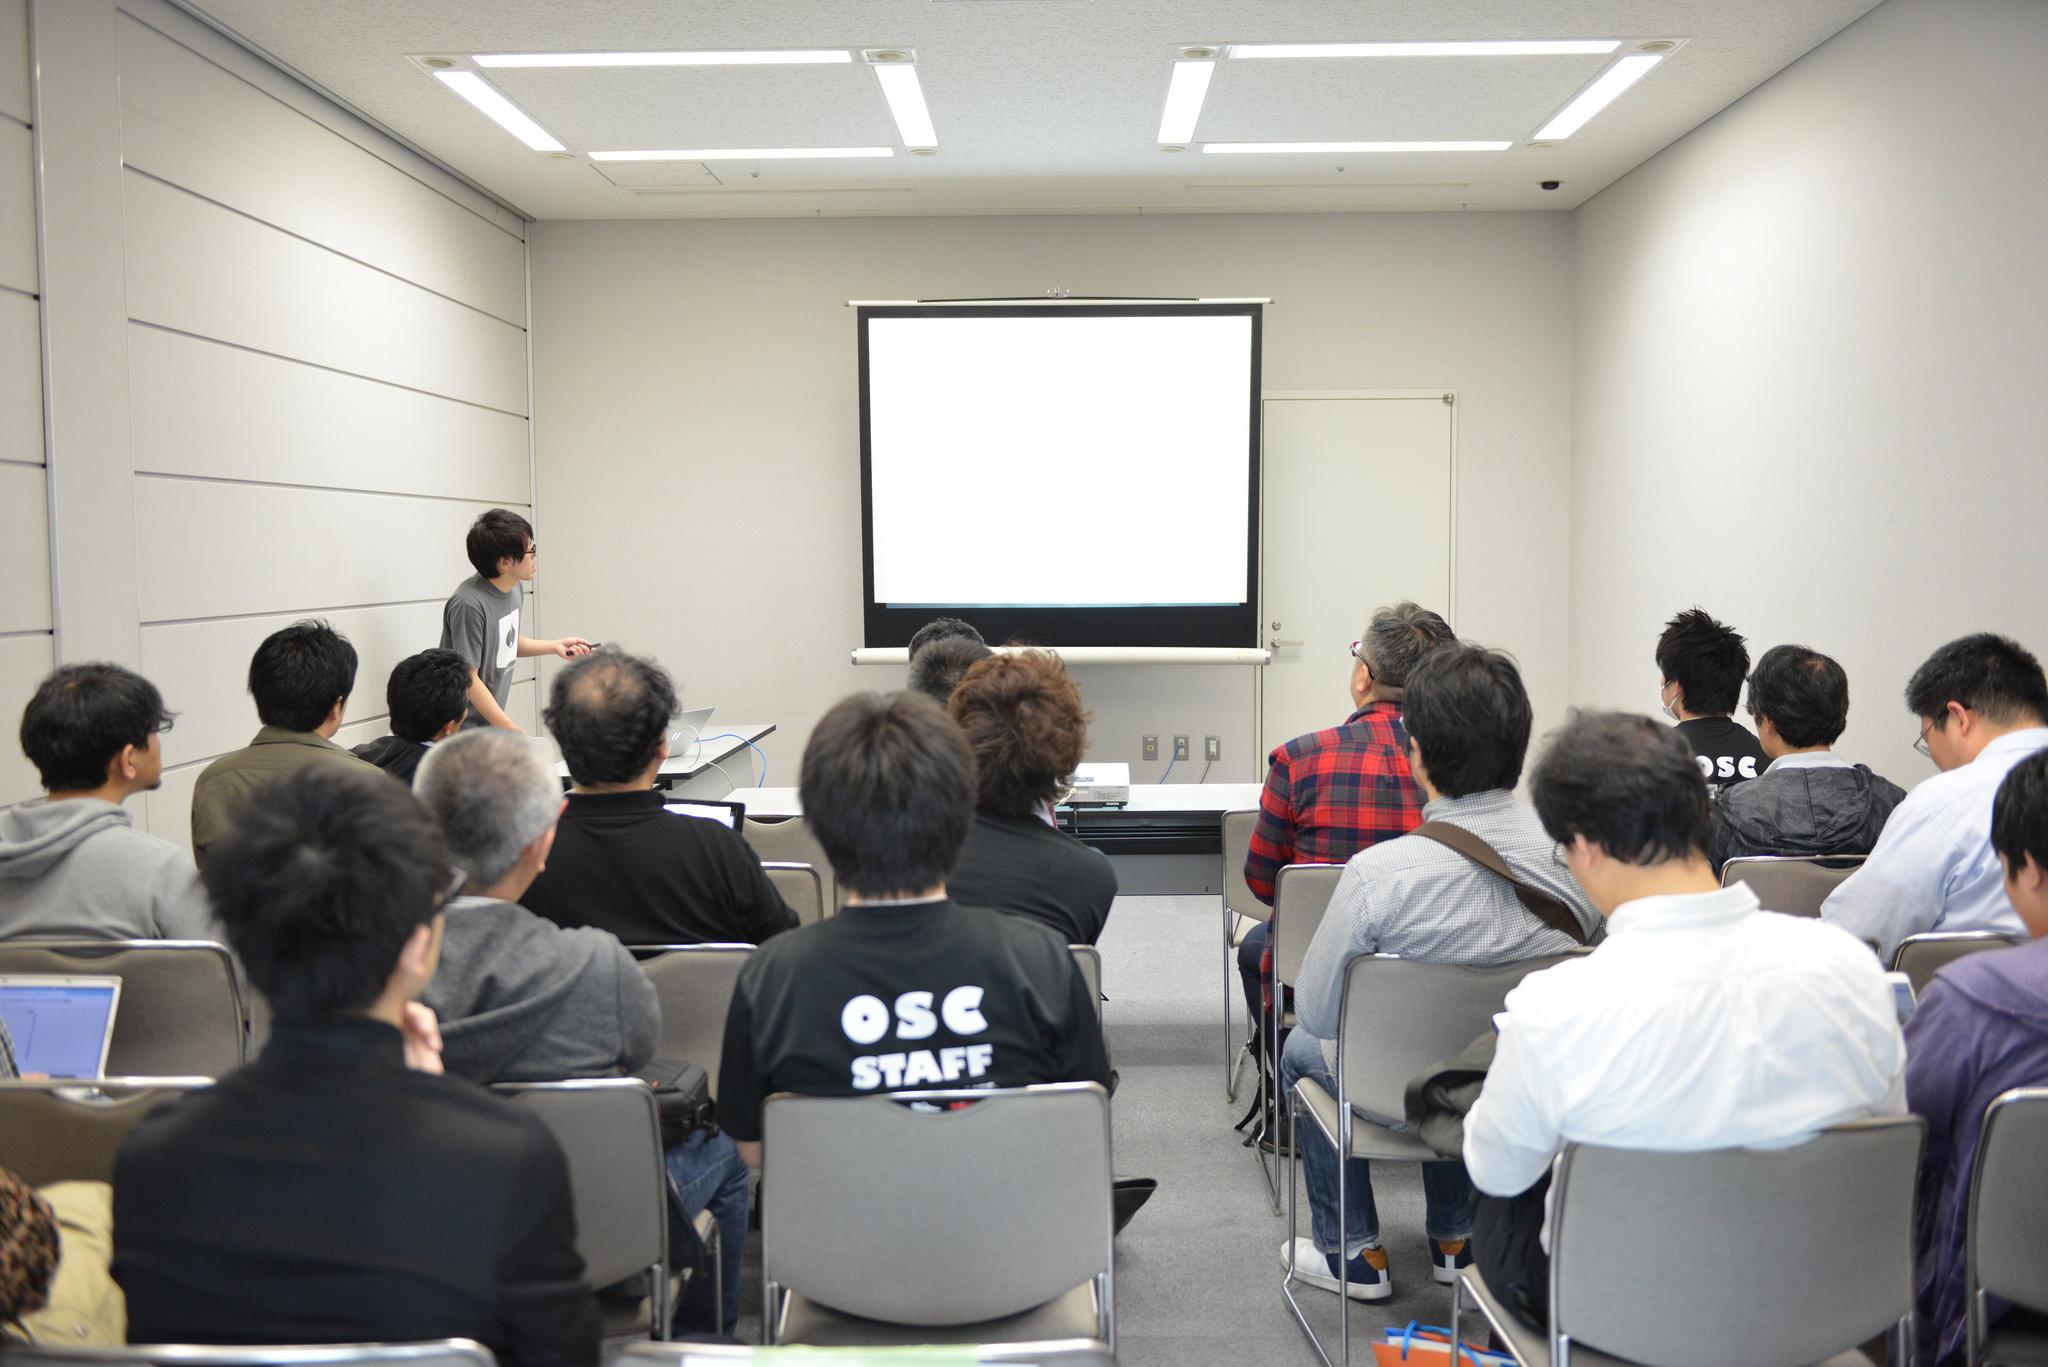 OSGeo財団日本支部のセミナーの様子